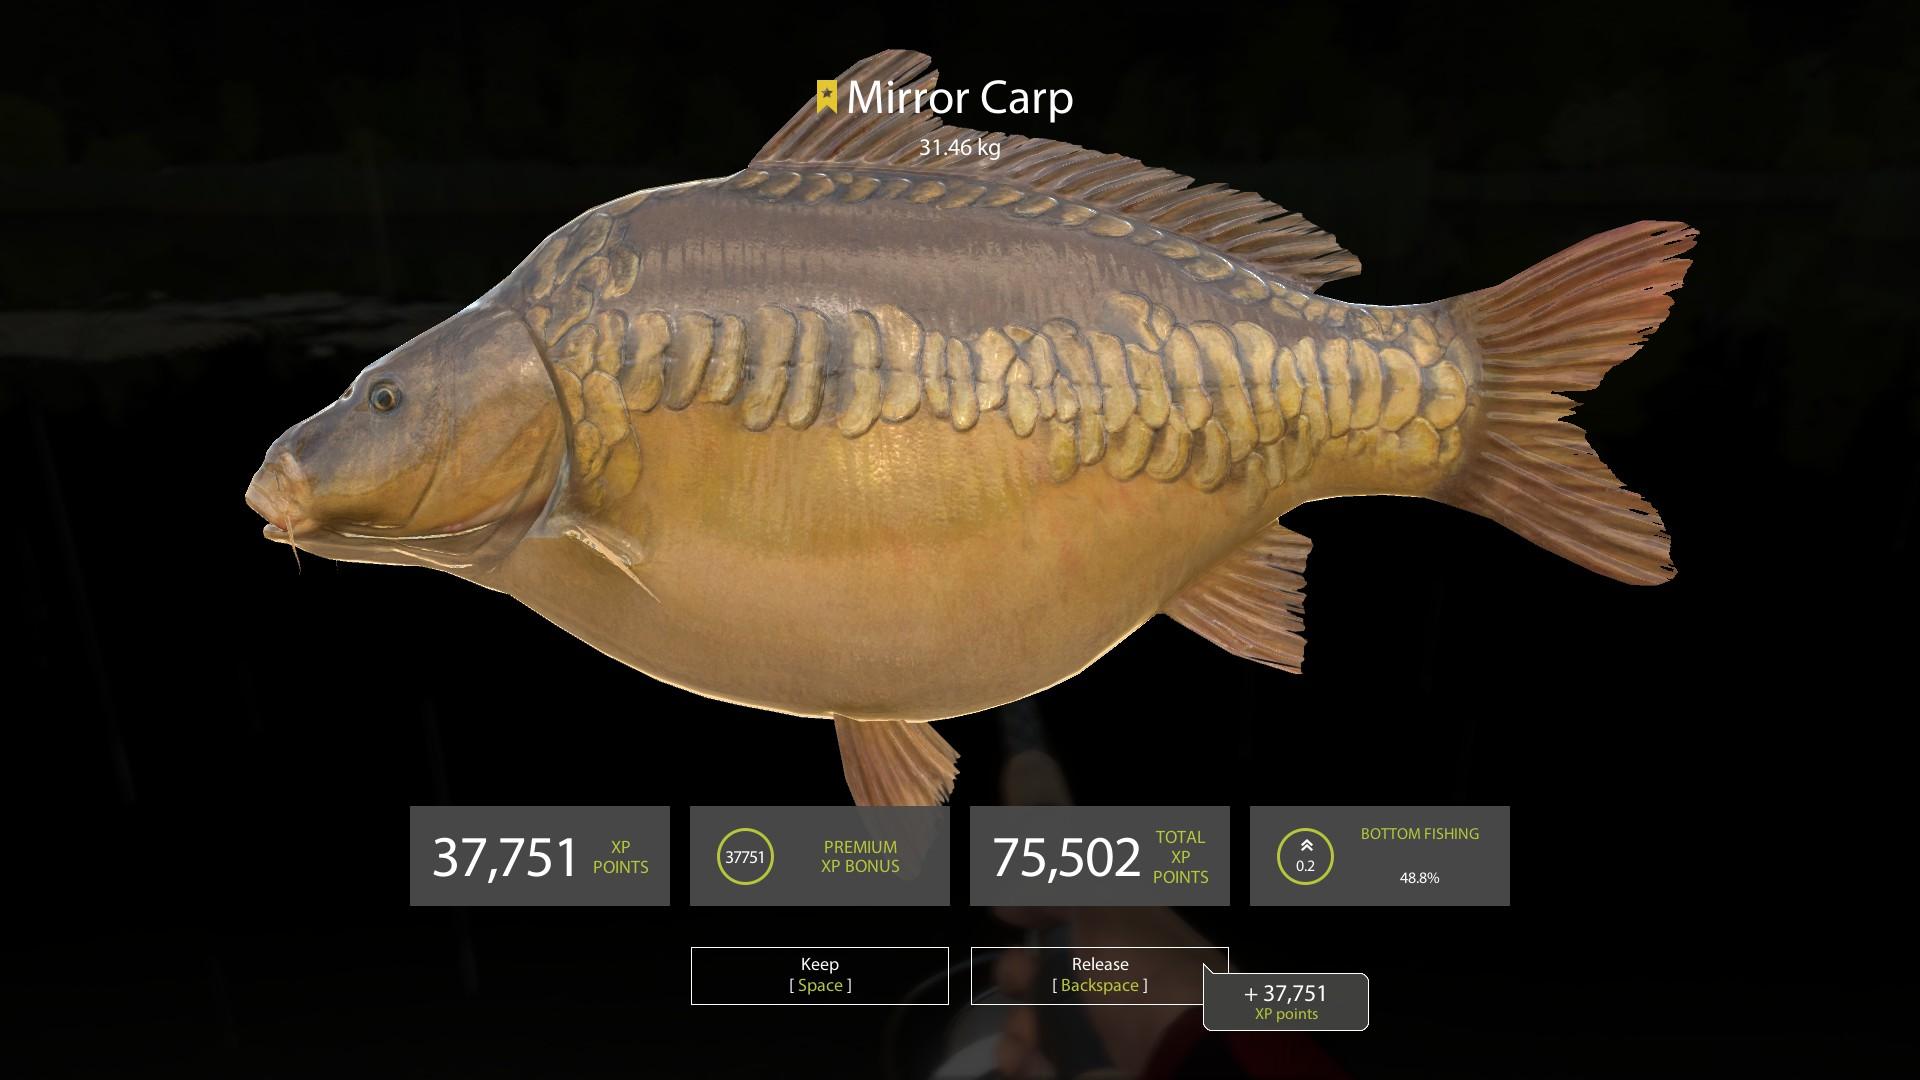 Mirror carp is a true Russian fish. Benefits, recipes 41